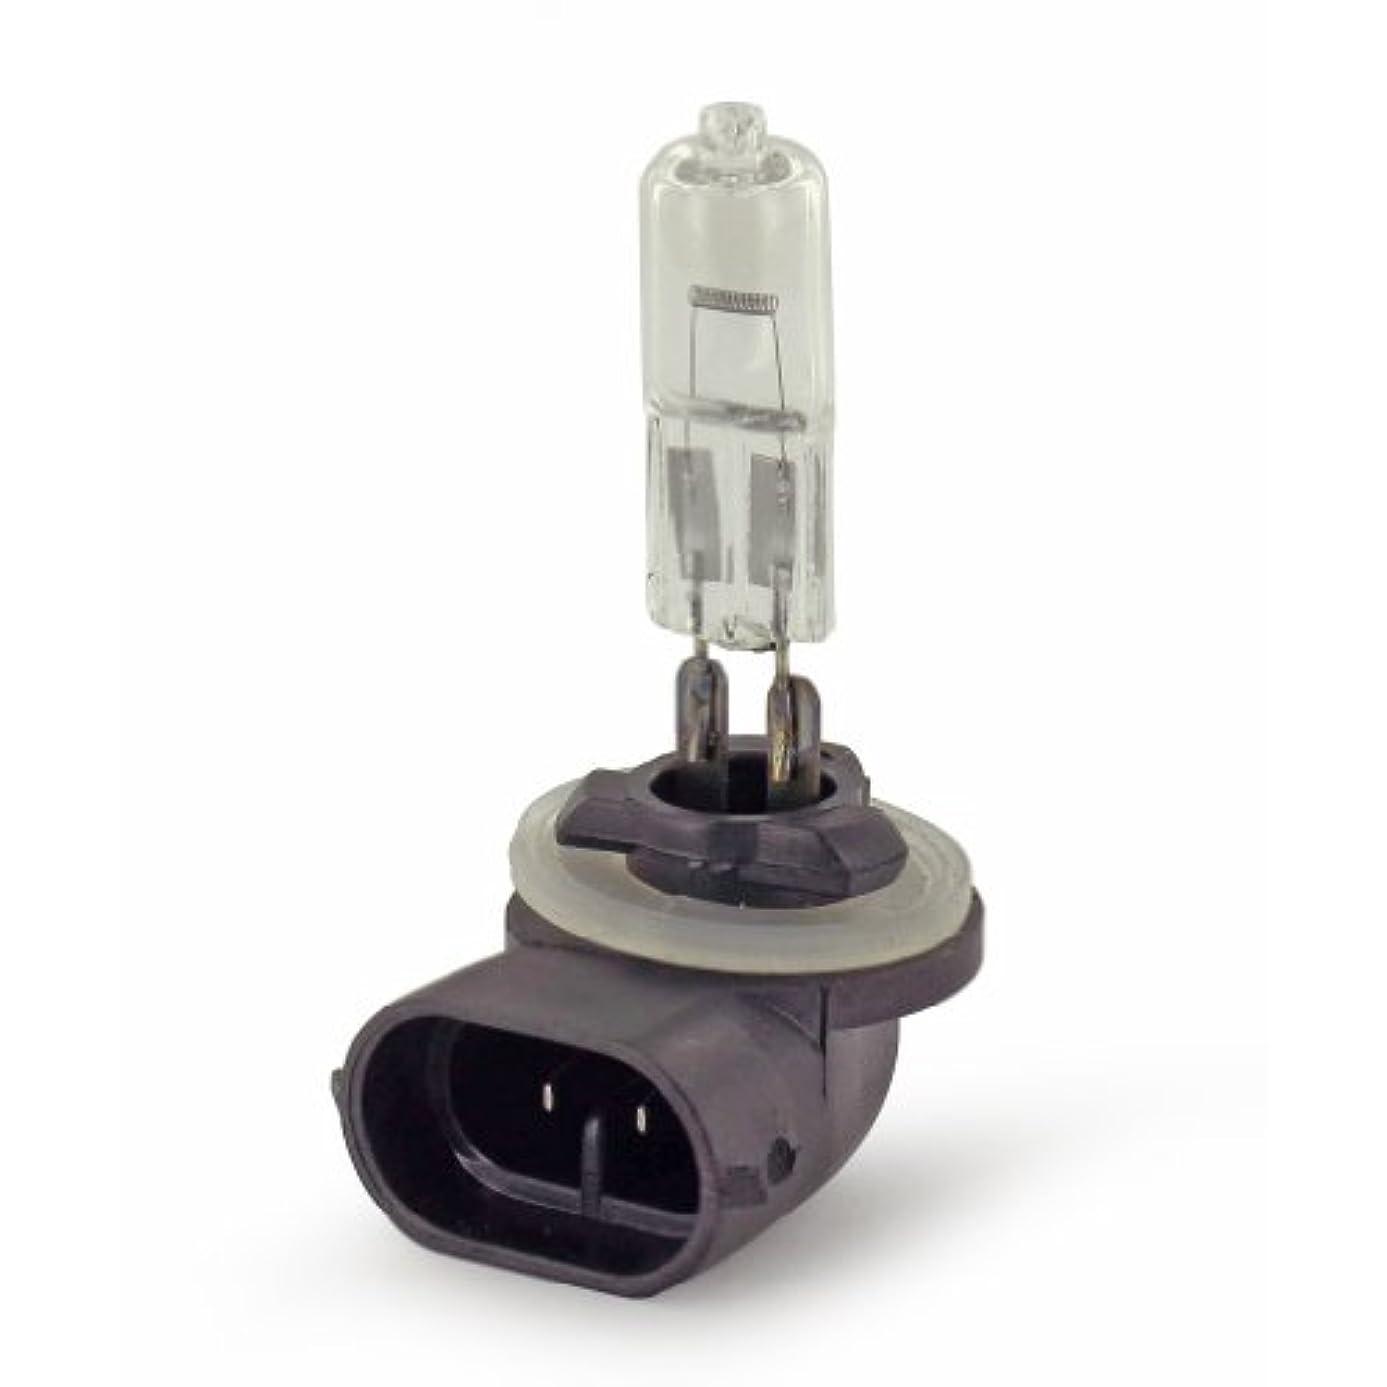 爆発もの葉巻Intella 1062038 GE 894 Bulb, 12.8V, 38W by Intella Liftparts Inc.